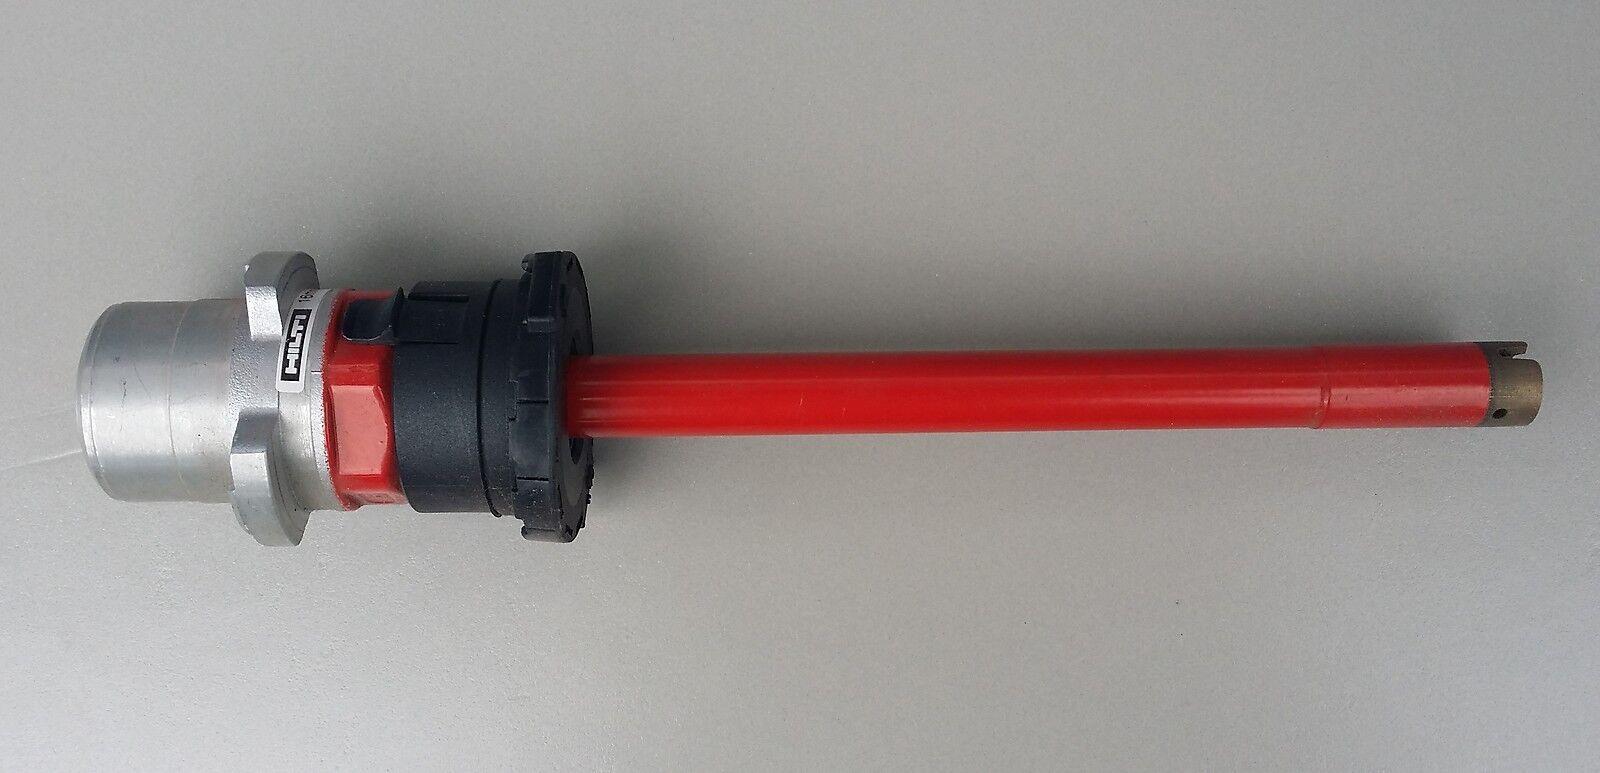 Hilti Bohrkrone DD-C 16/150 T2 neu für DD EC-1 DD - C 70% Rabatt auf Hilti Preis